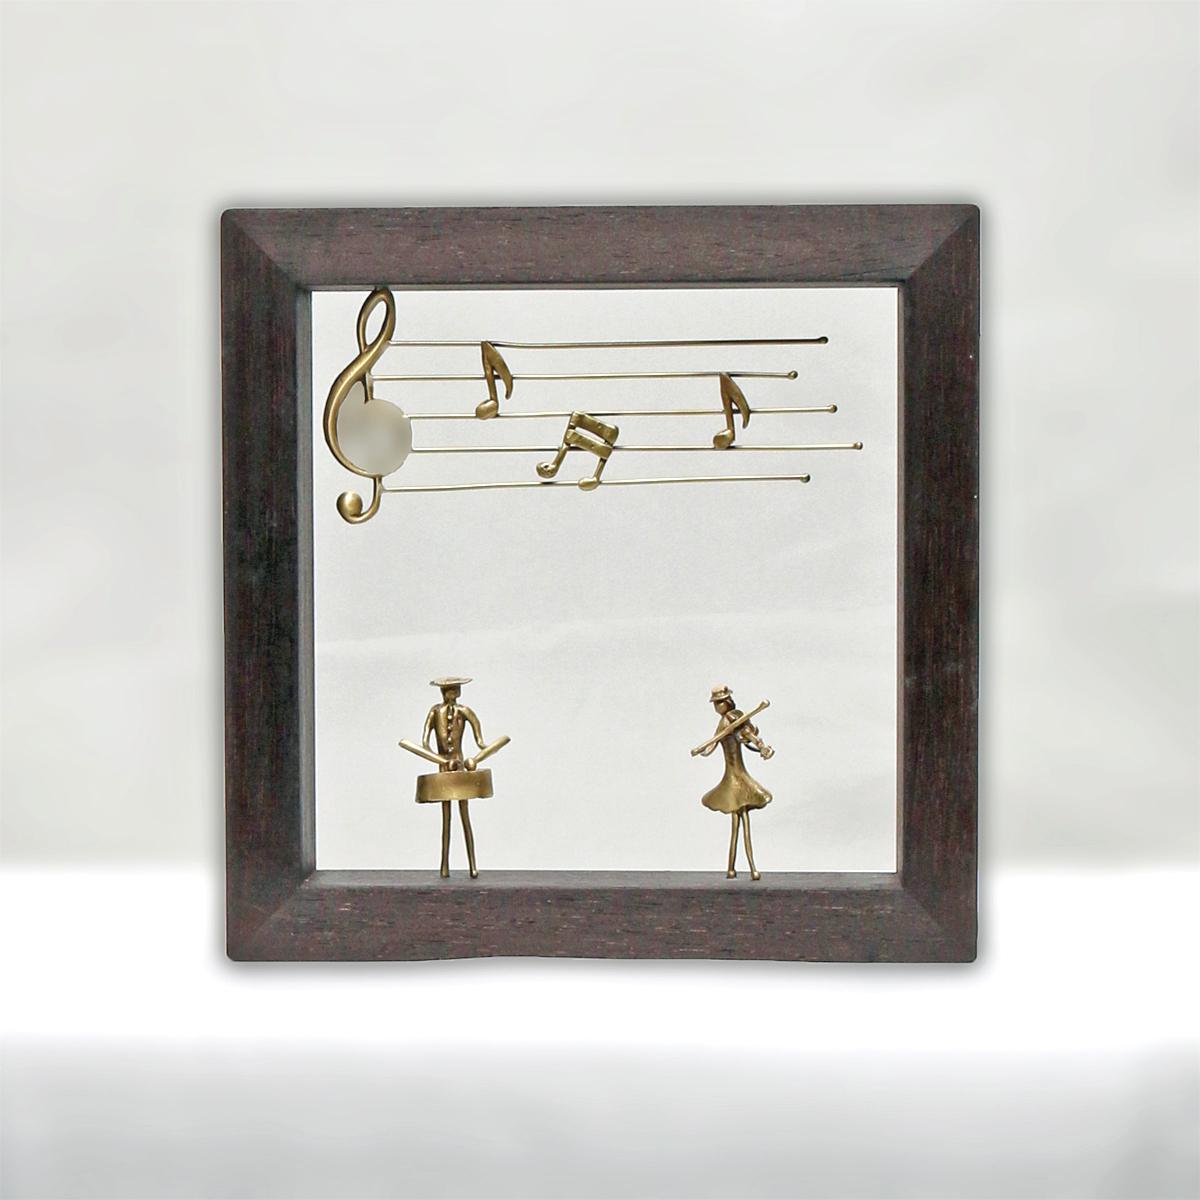 ウッド&フレーム(W17) 「太鼓をたたく男とバイオリンを弾く女」20X20X4 cm